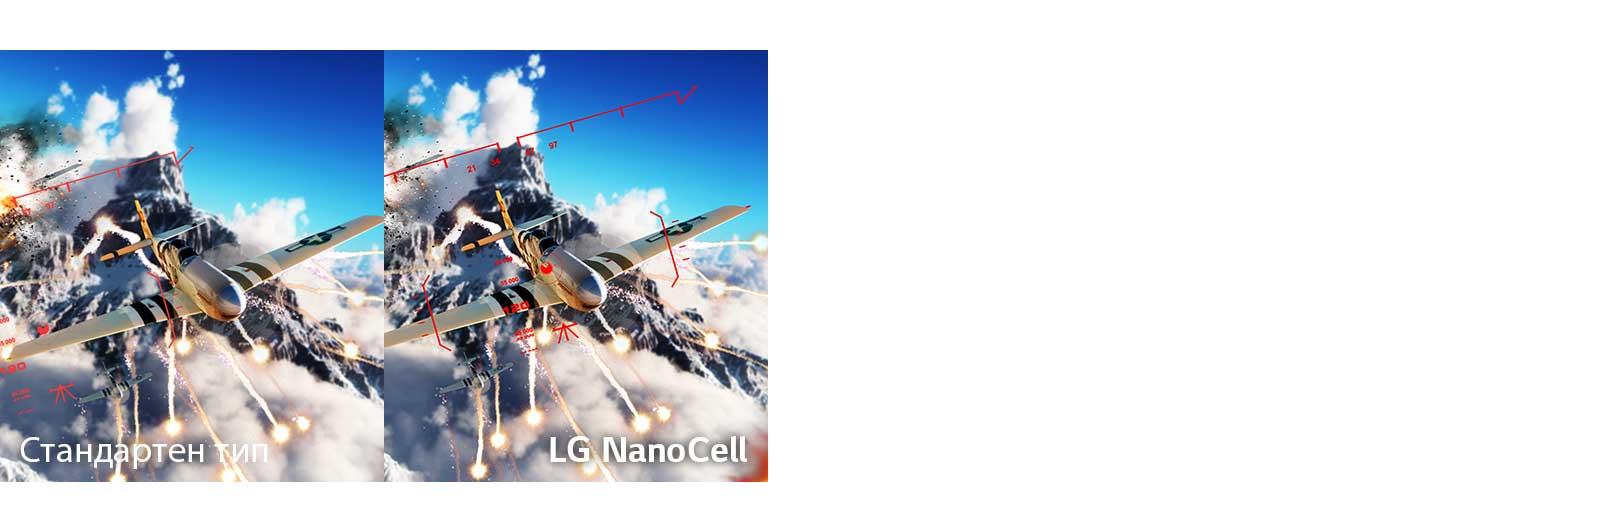 Сцена от бойна игра със самолет